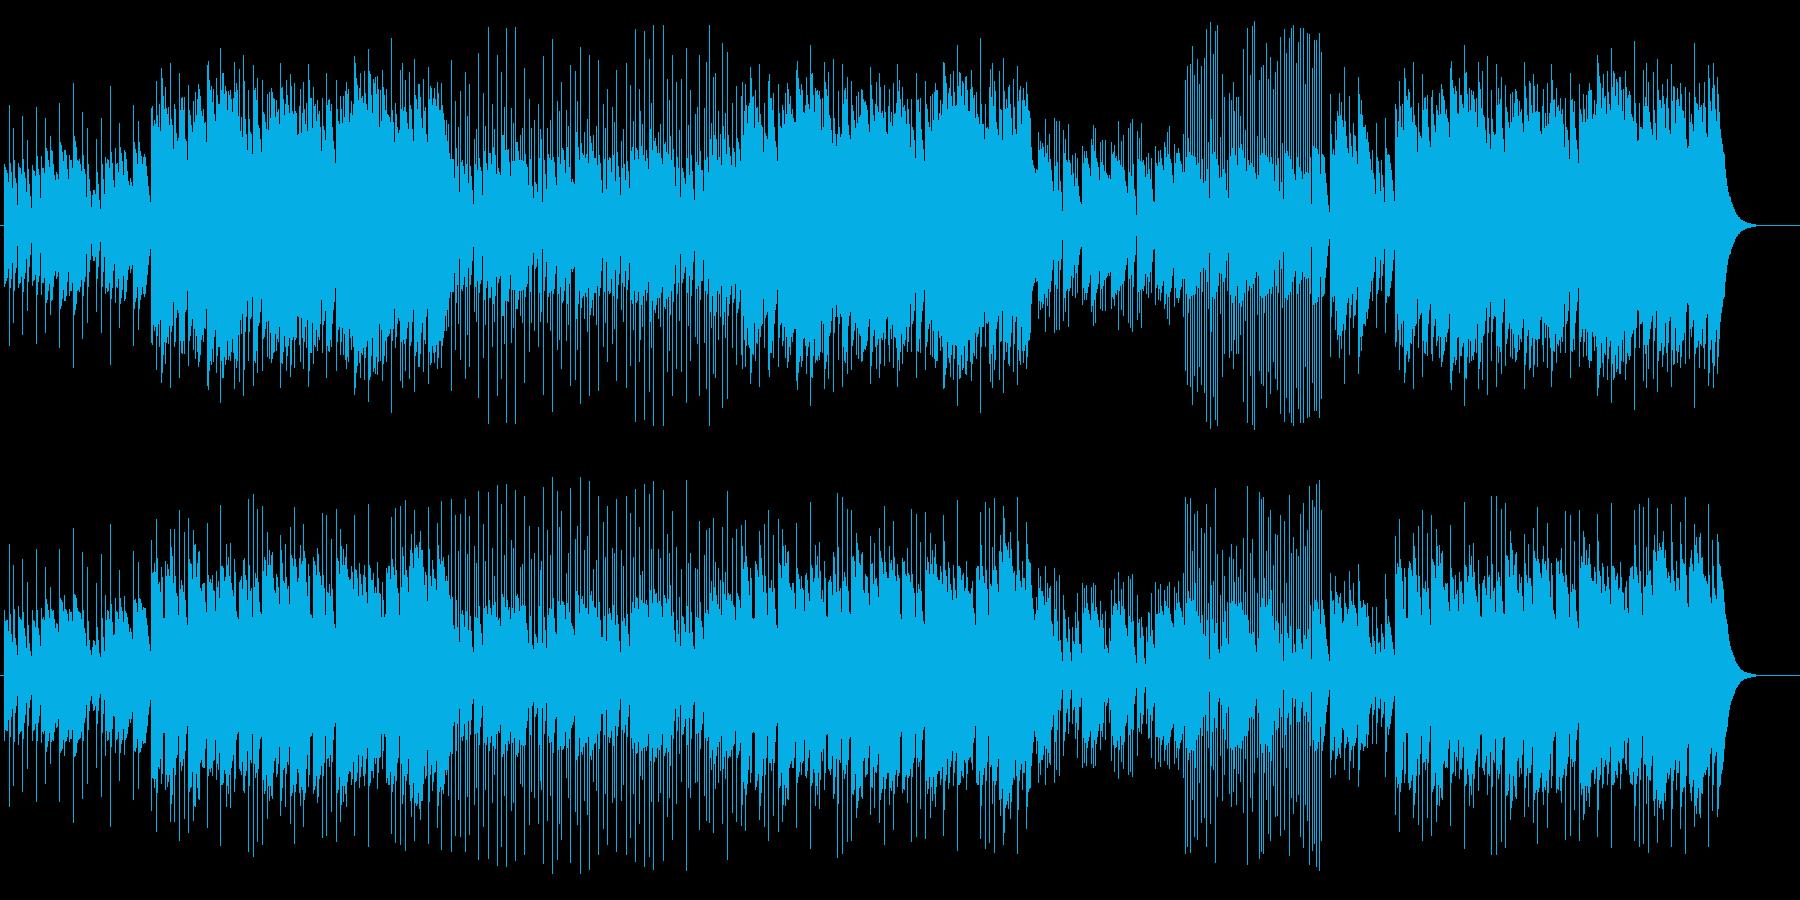 ファンタジー世界の伝承をイメージした曲の再生済みの波形